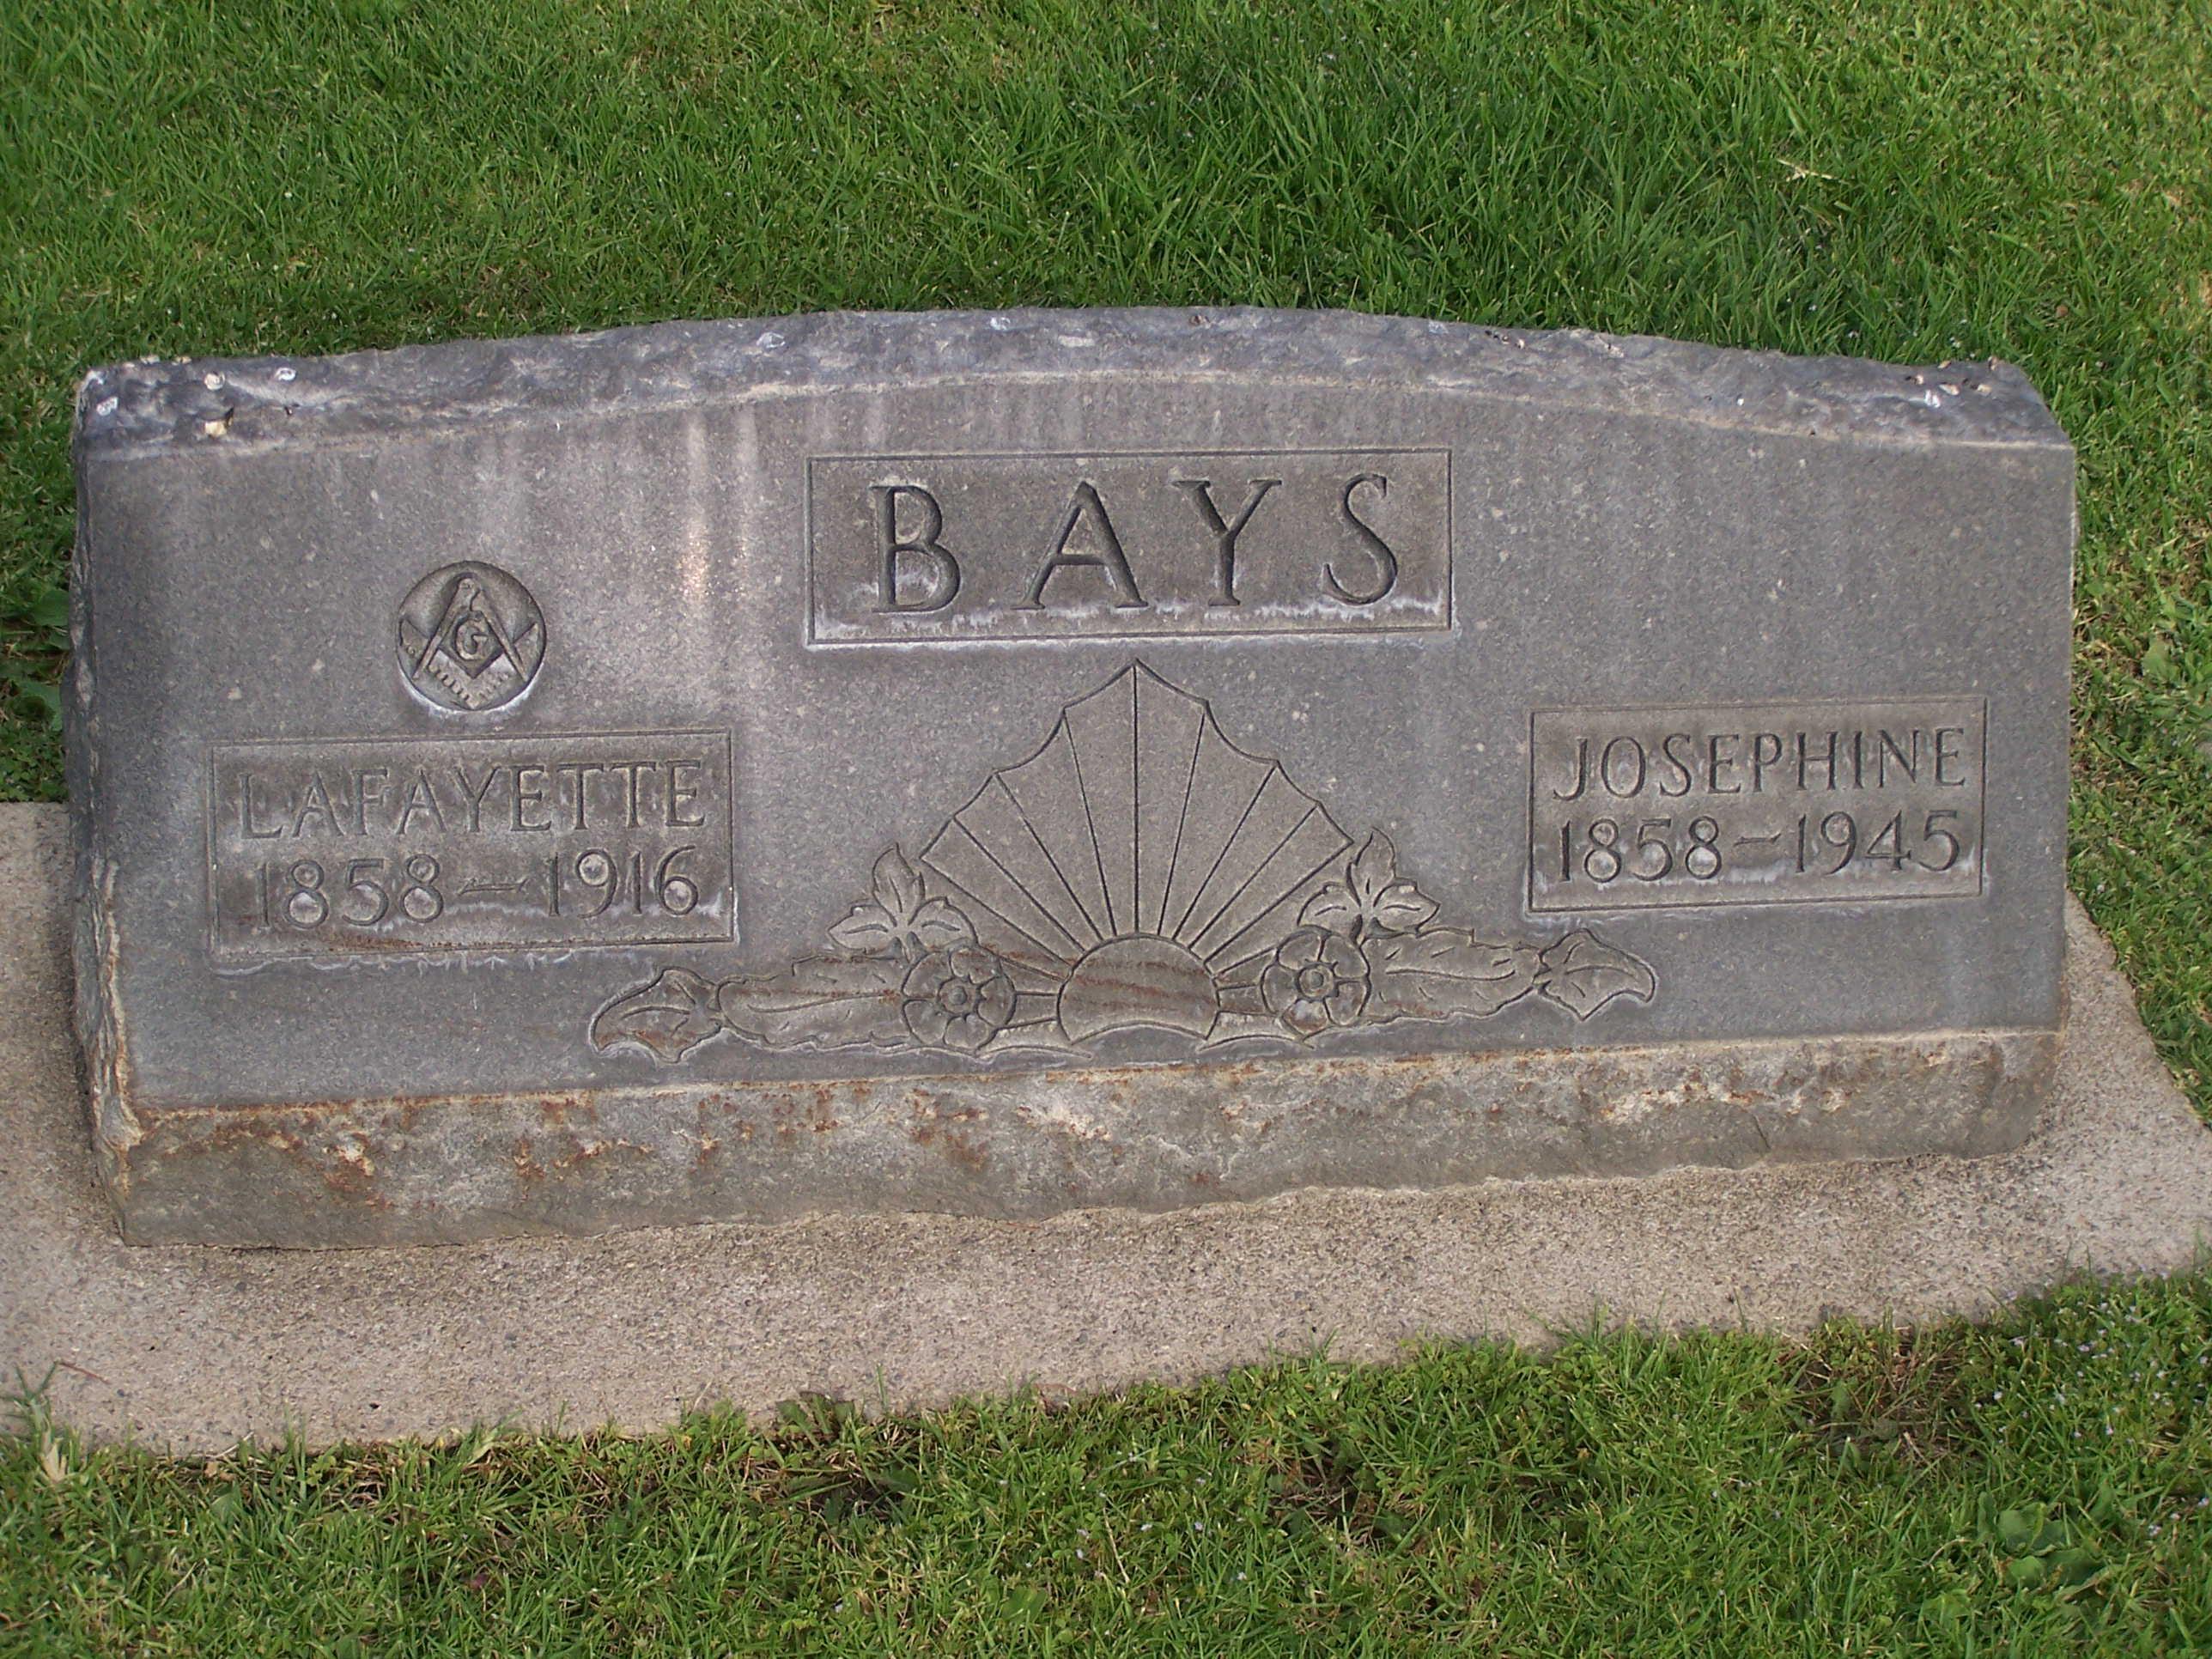 Lorenzo Lafayette (LL) Bays